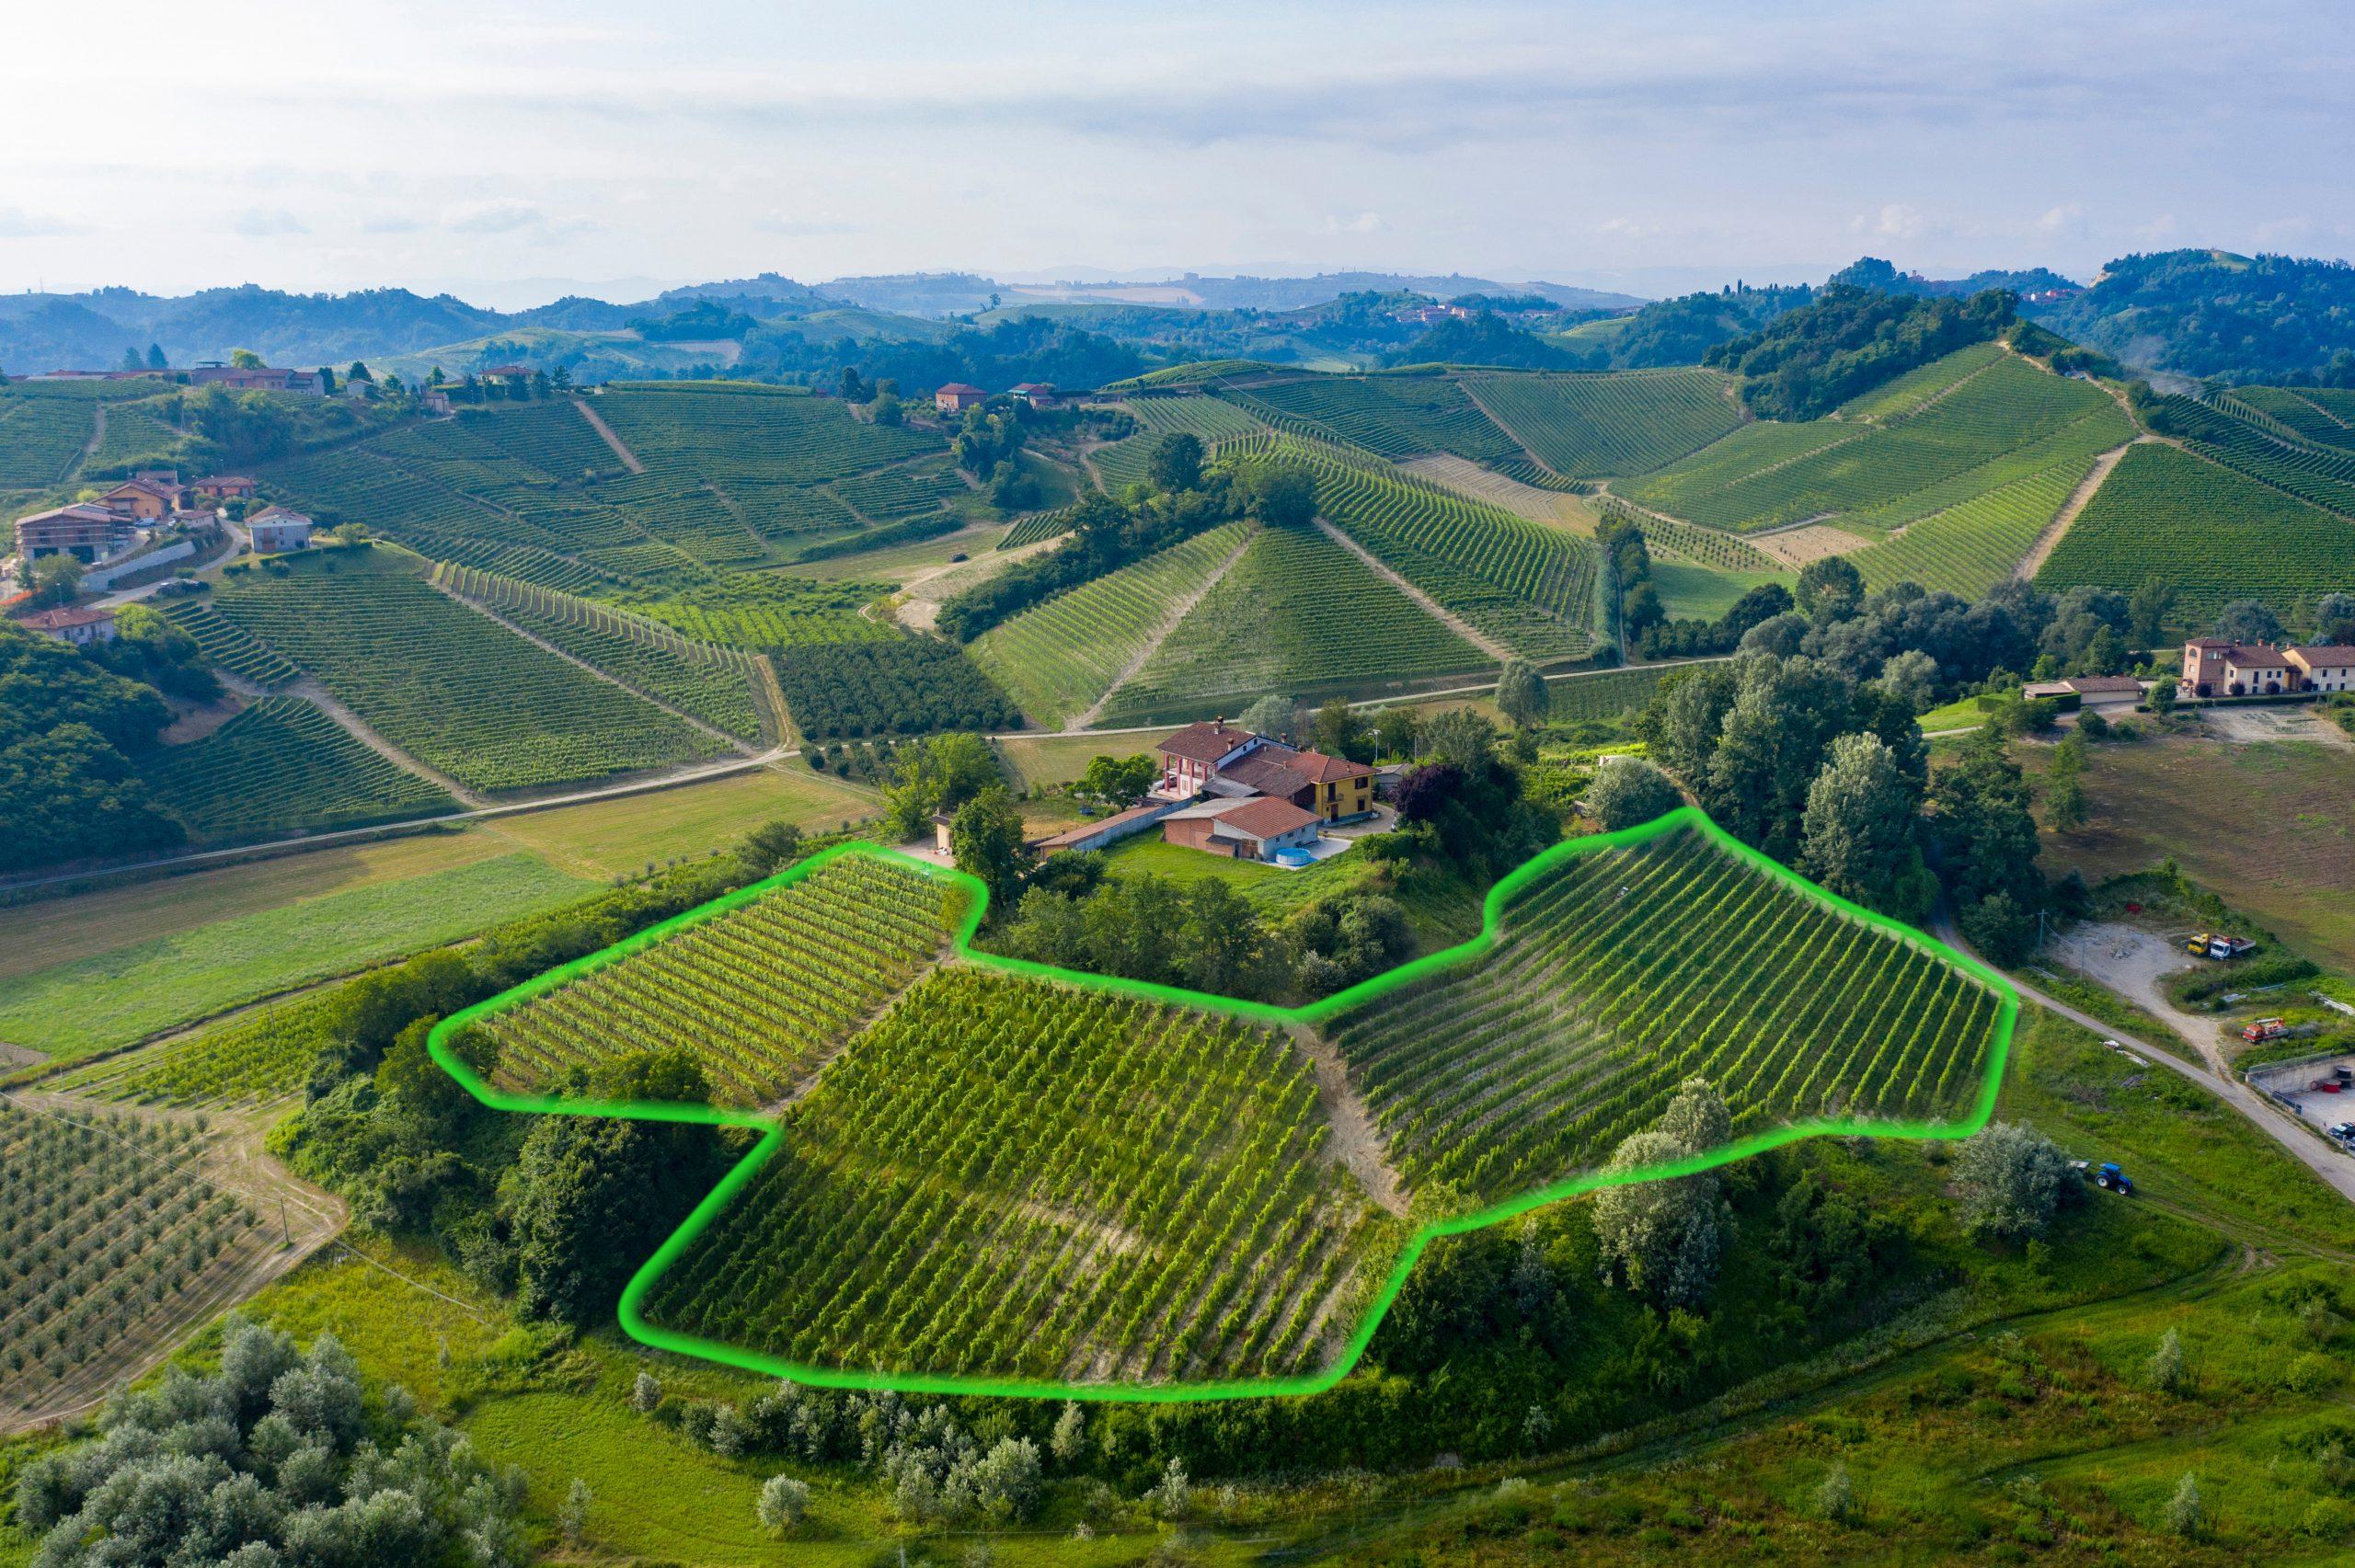 Highlighted Serra upini vineyard